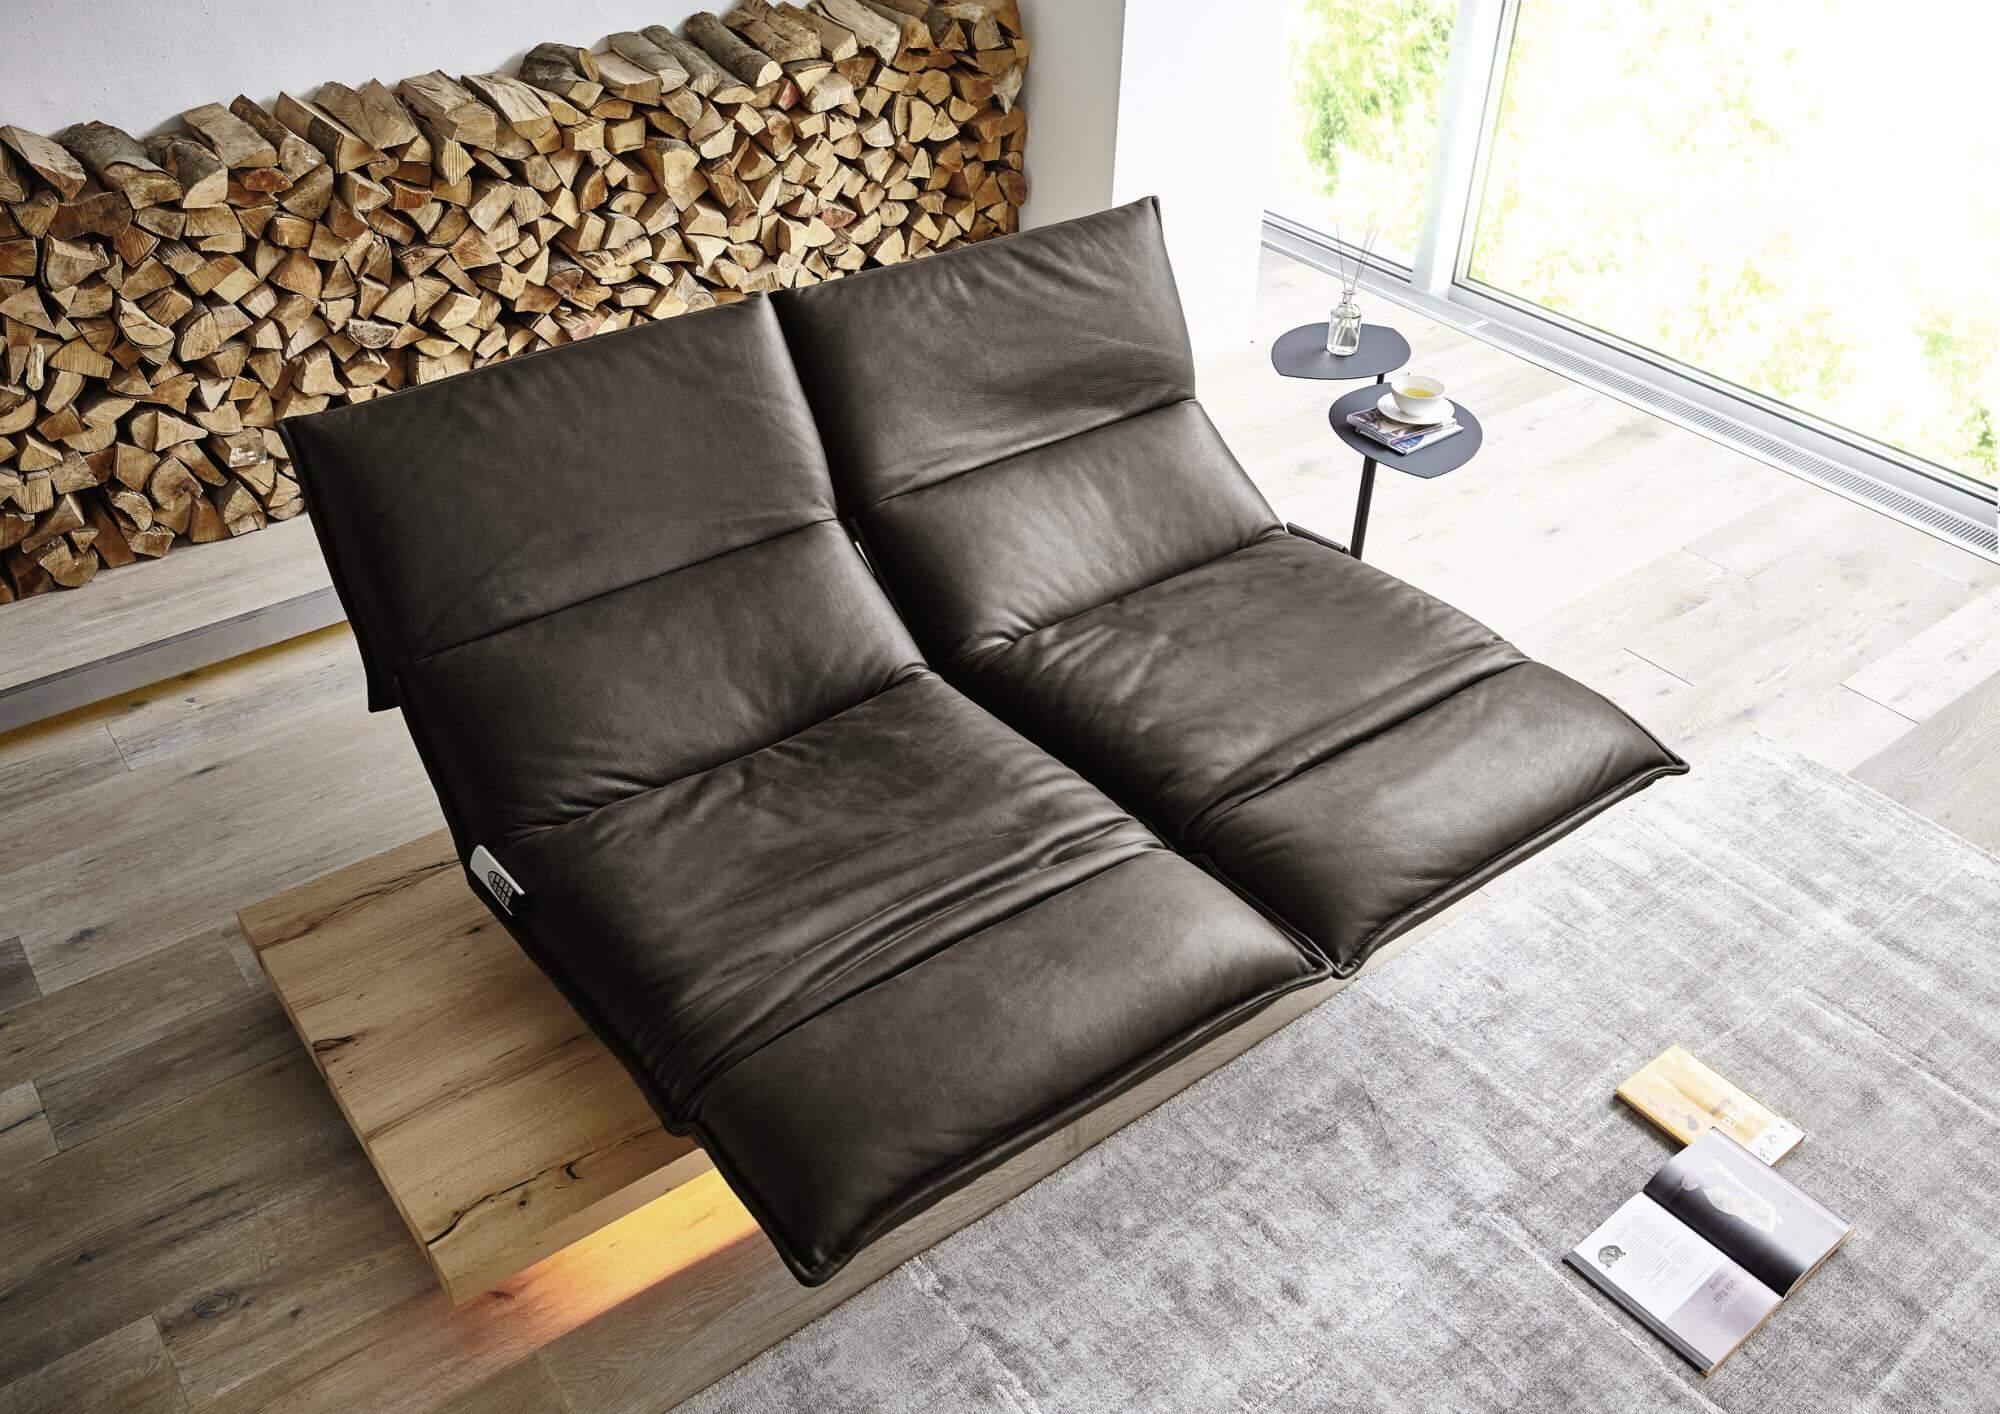 Full Size of Modernes Sofa Moderne Sofas Landhausstil Grau Stoff L Form Hussen Antik überwurf Dauerschläfer Big Mit Hocker Spannbezug Kaufen Abnehmbaren Bezug Alcantara Sofa Modernes Sofa